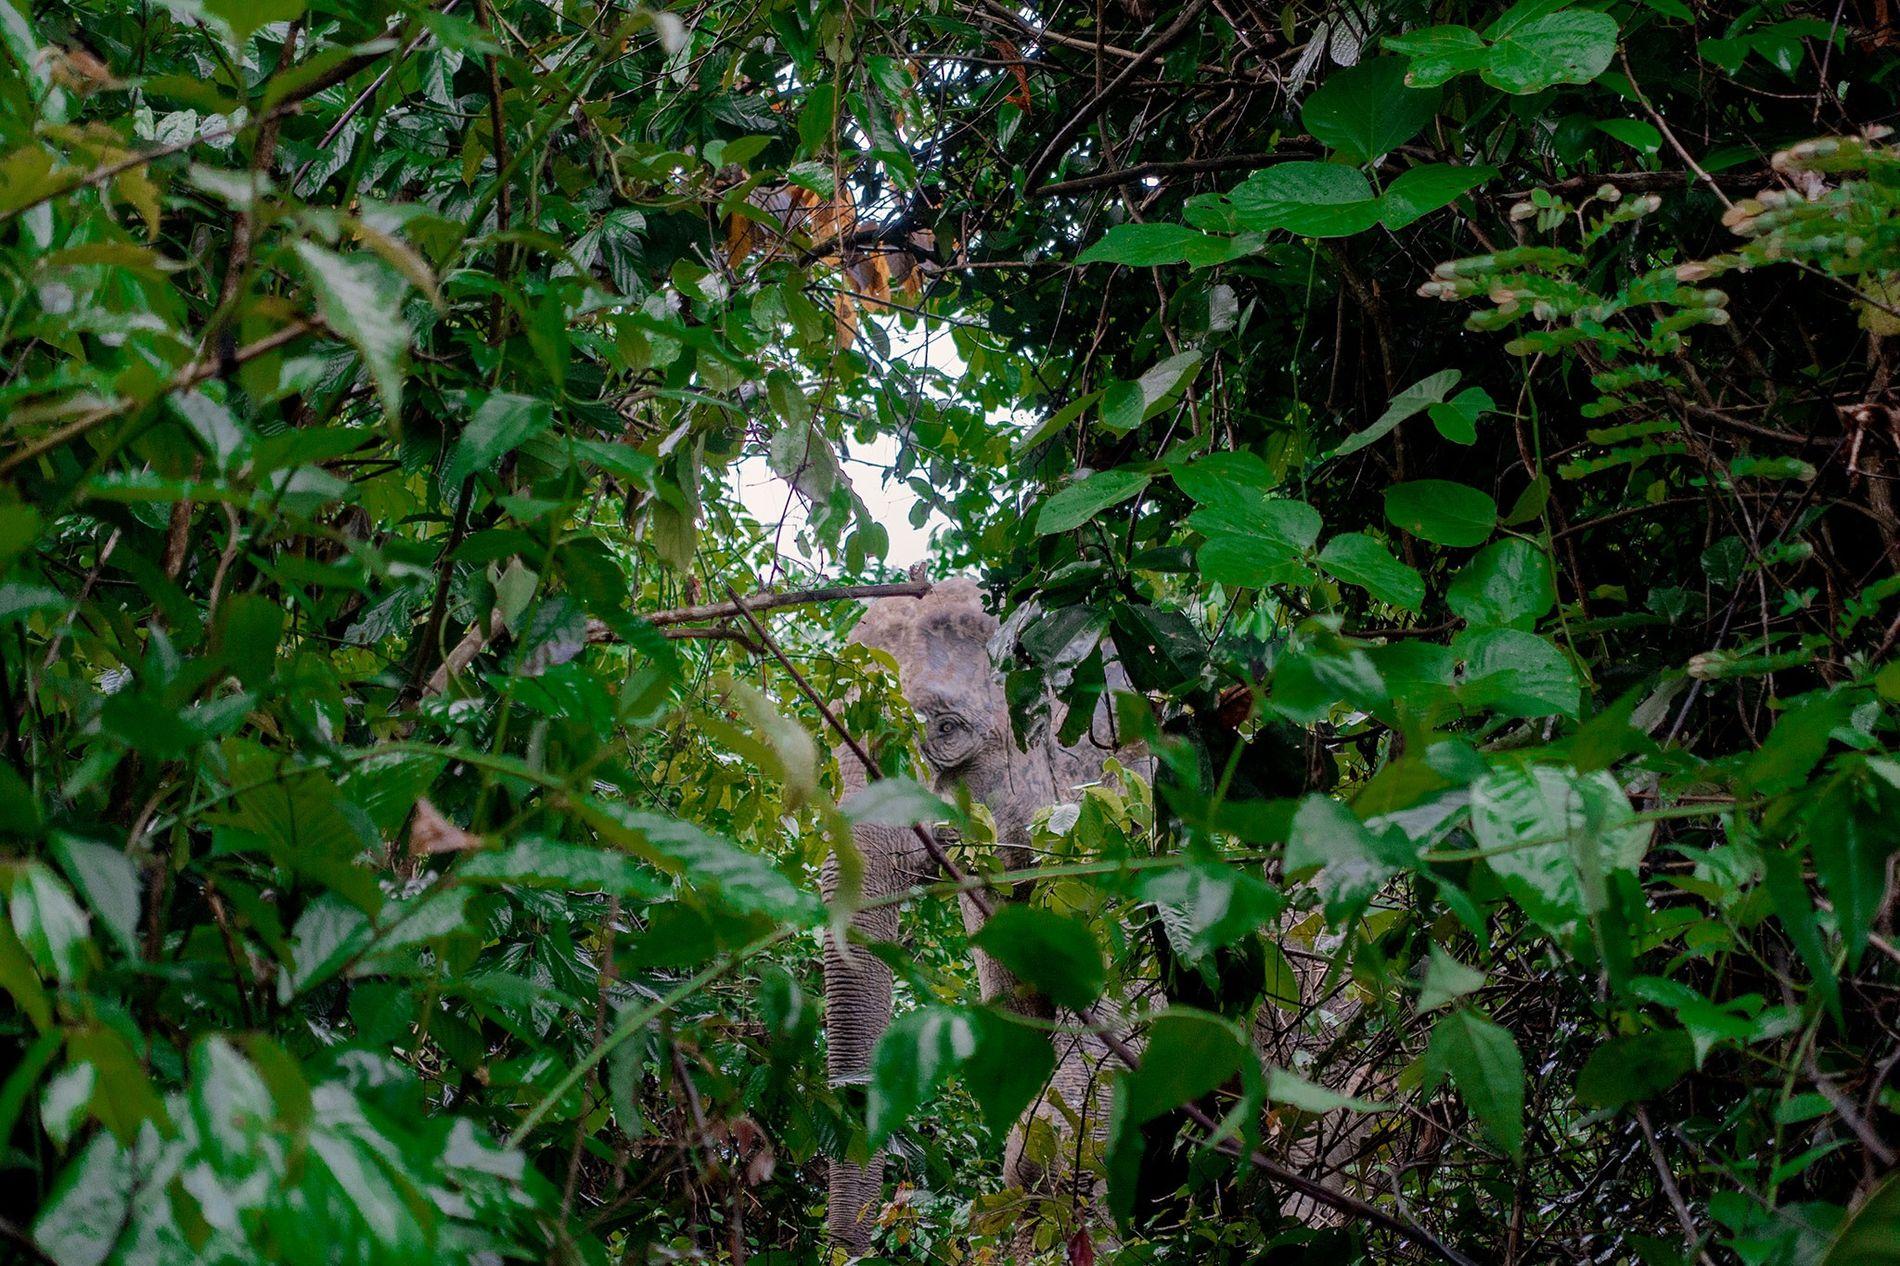 Un elefante asiático mira a través del ramaje en el bosque Inani de Bangladesh, en el borde del campamento de refugiados más grande del mundo. El elefante es uno de los 38 atrapados en el bosque adyacente al campamento, que bloquea las rutas de migración de los elefantes.